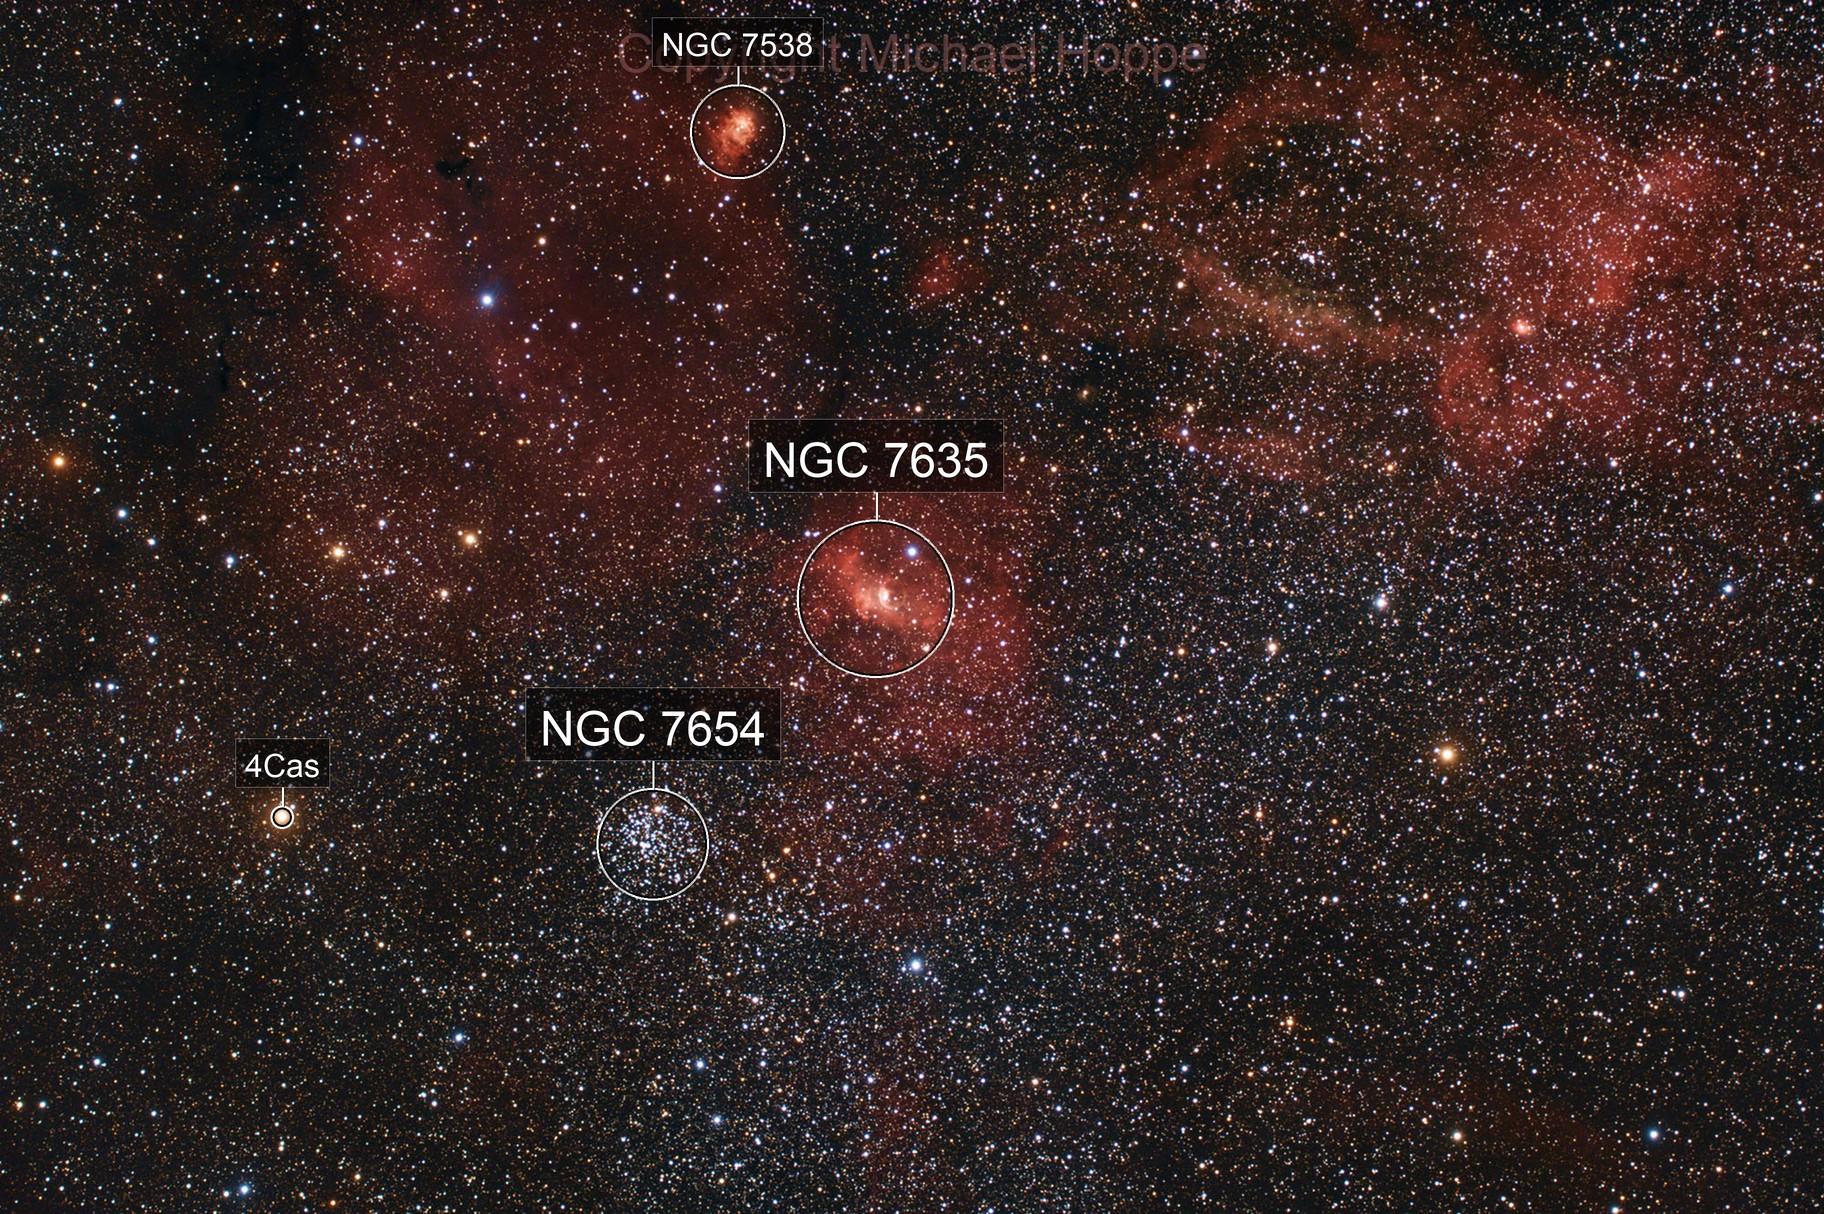 NGC 7635, Sh 2 - 161, Sh 2 - 157 & Co